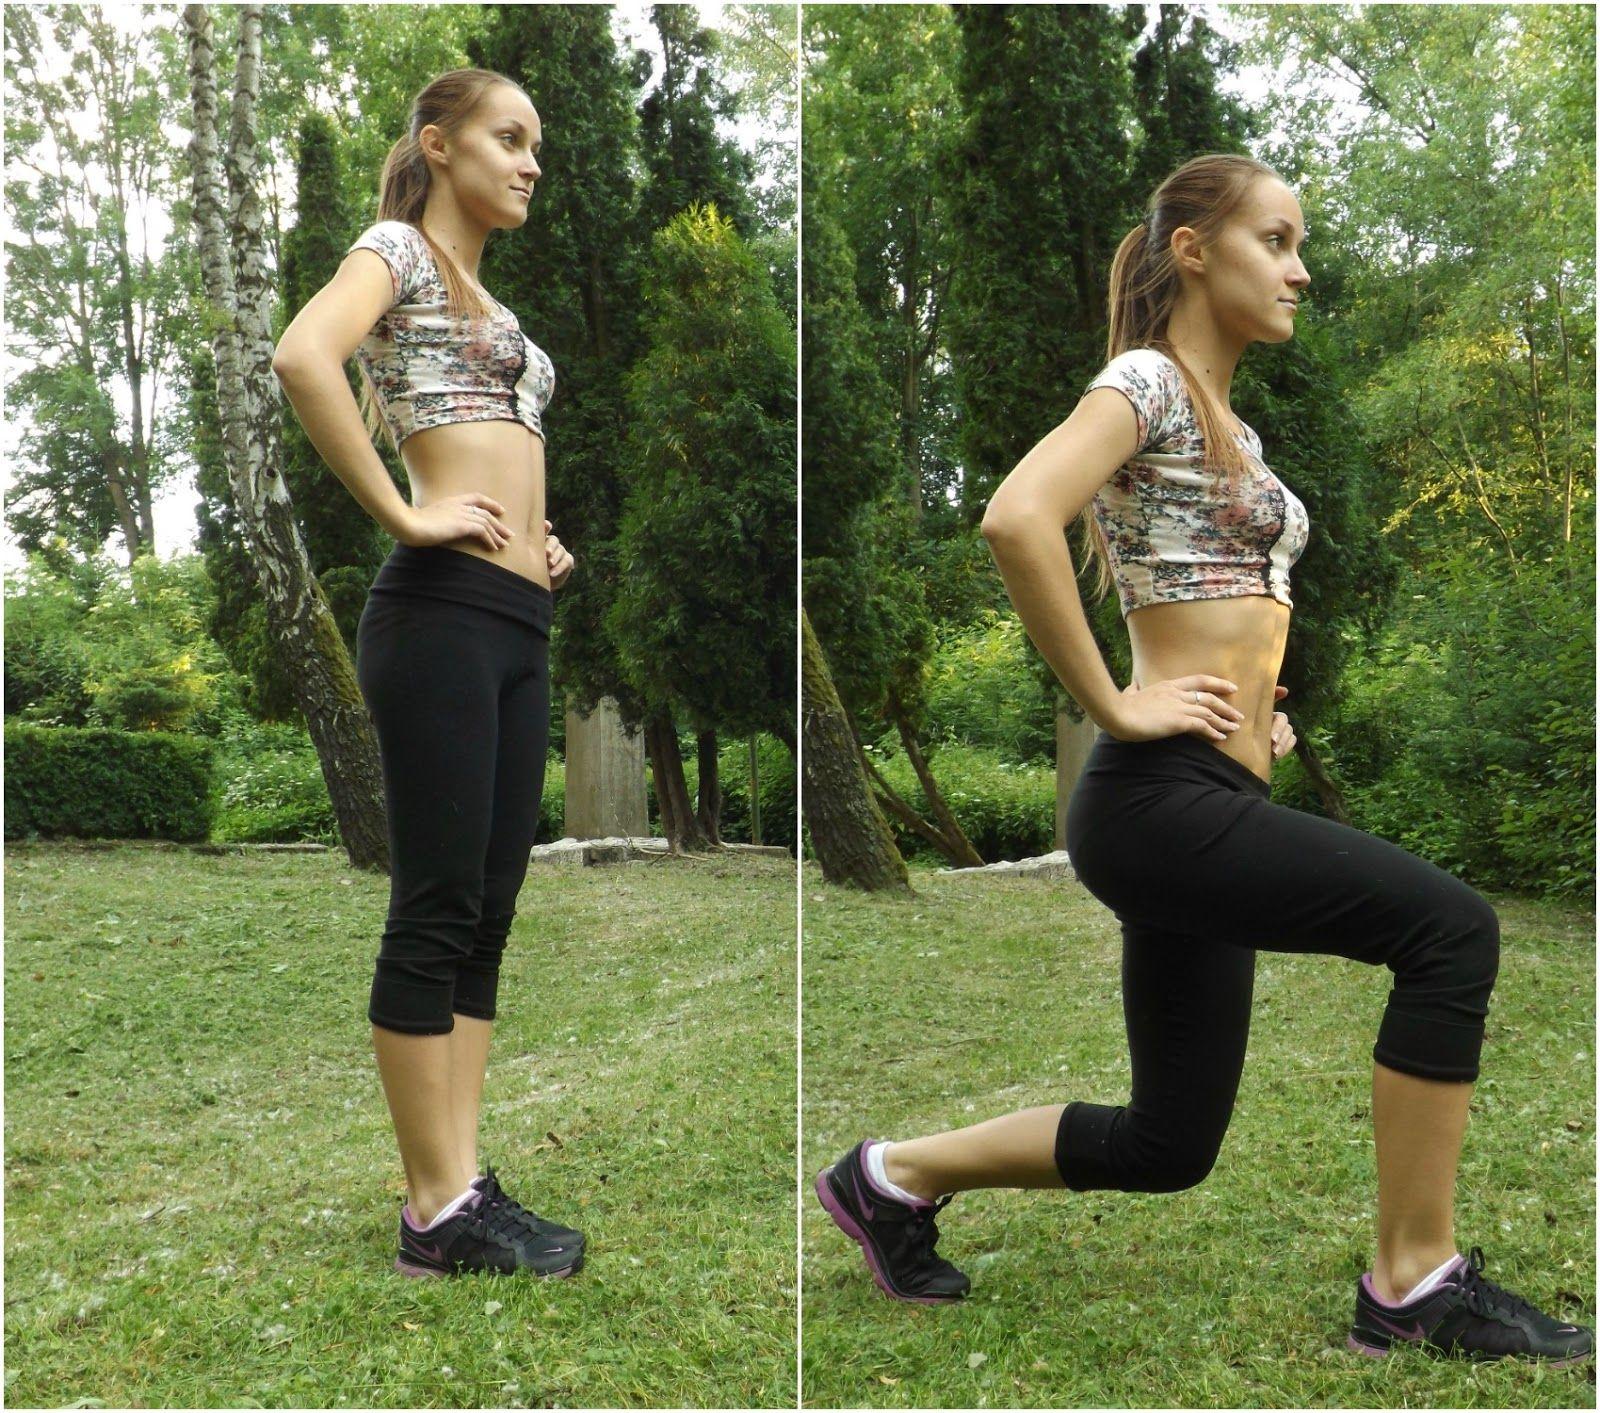 Cvik opakujte pätnásťkrát, potom nohy prestriedajte. Ak sa vám cvik zapáči, môžete ho precvičiť v dvoch alebo troch sériách. Menšiu obmenu predstavuje závažie. Vezmite si do rúk činky a precvičíte si aj svalstvo na rukách a ramenách.